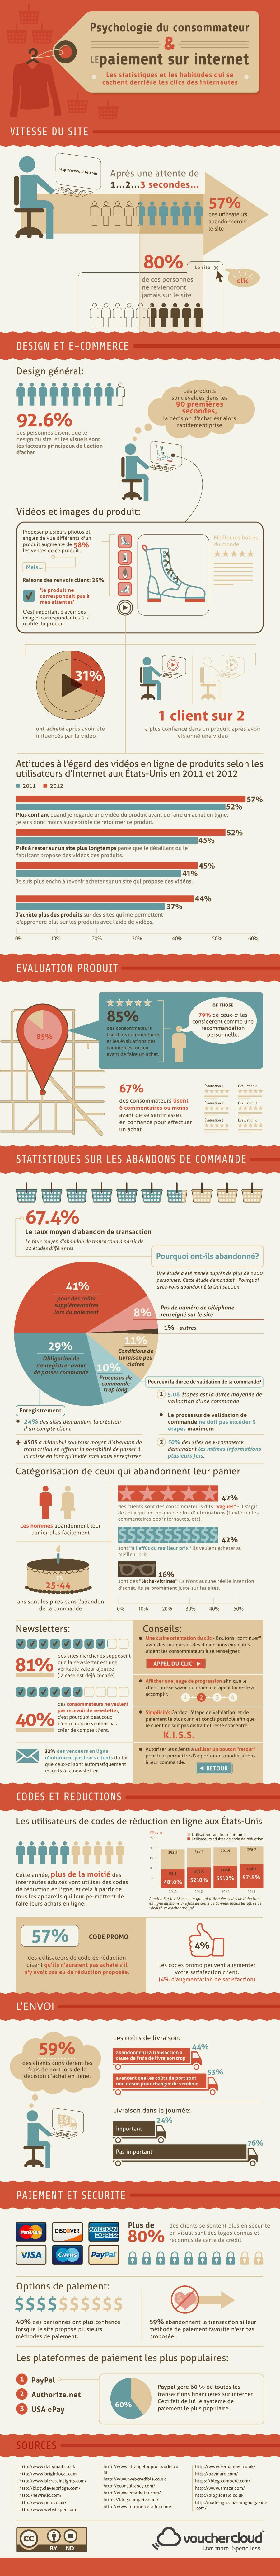 Infographie - Psychologie du consommateur & Paiement sur internet